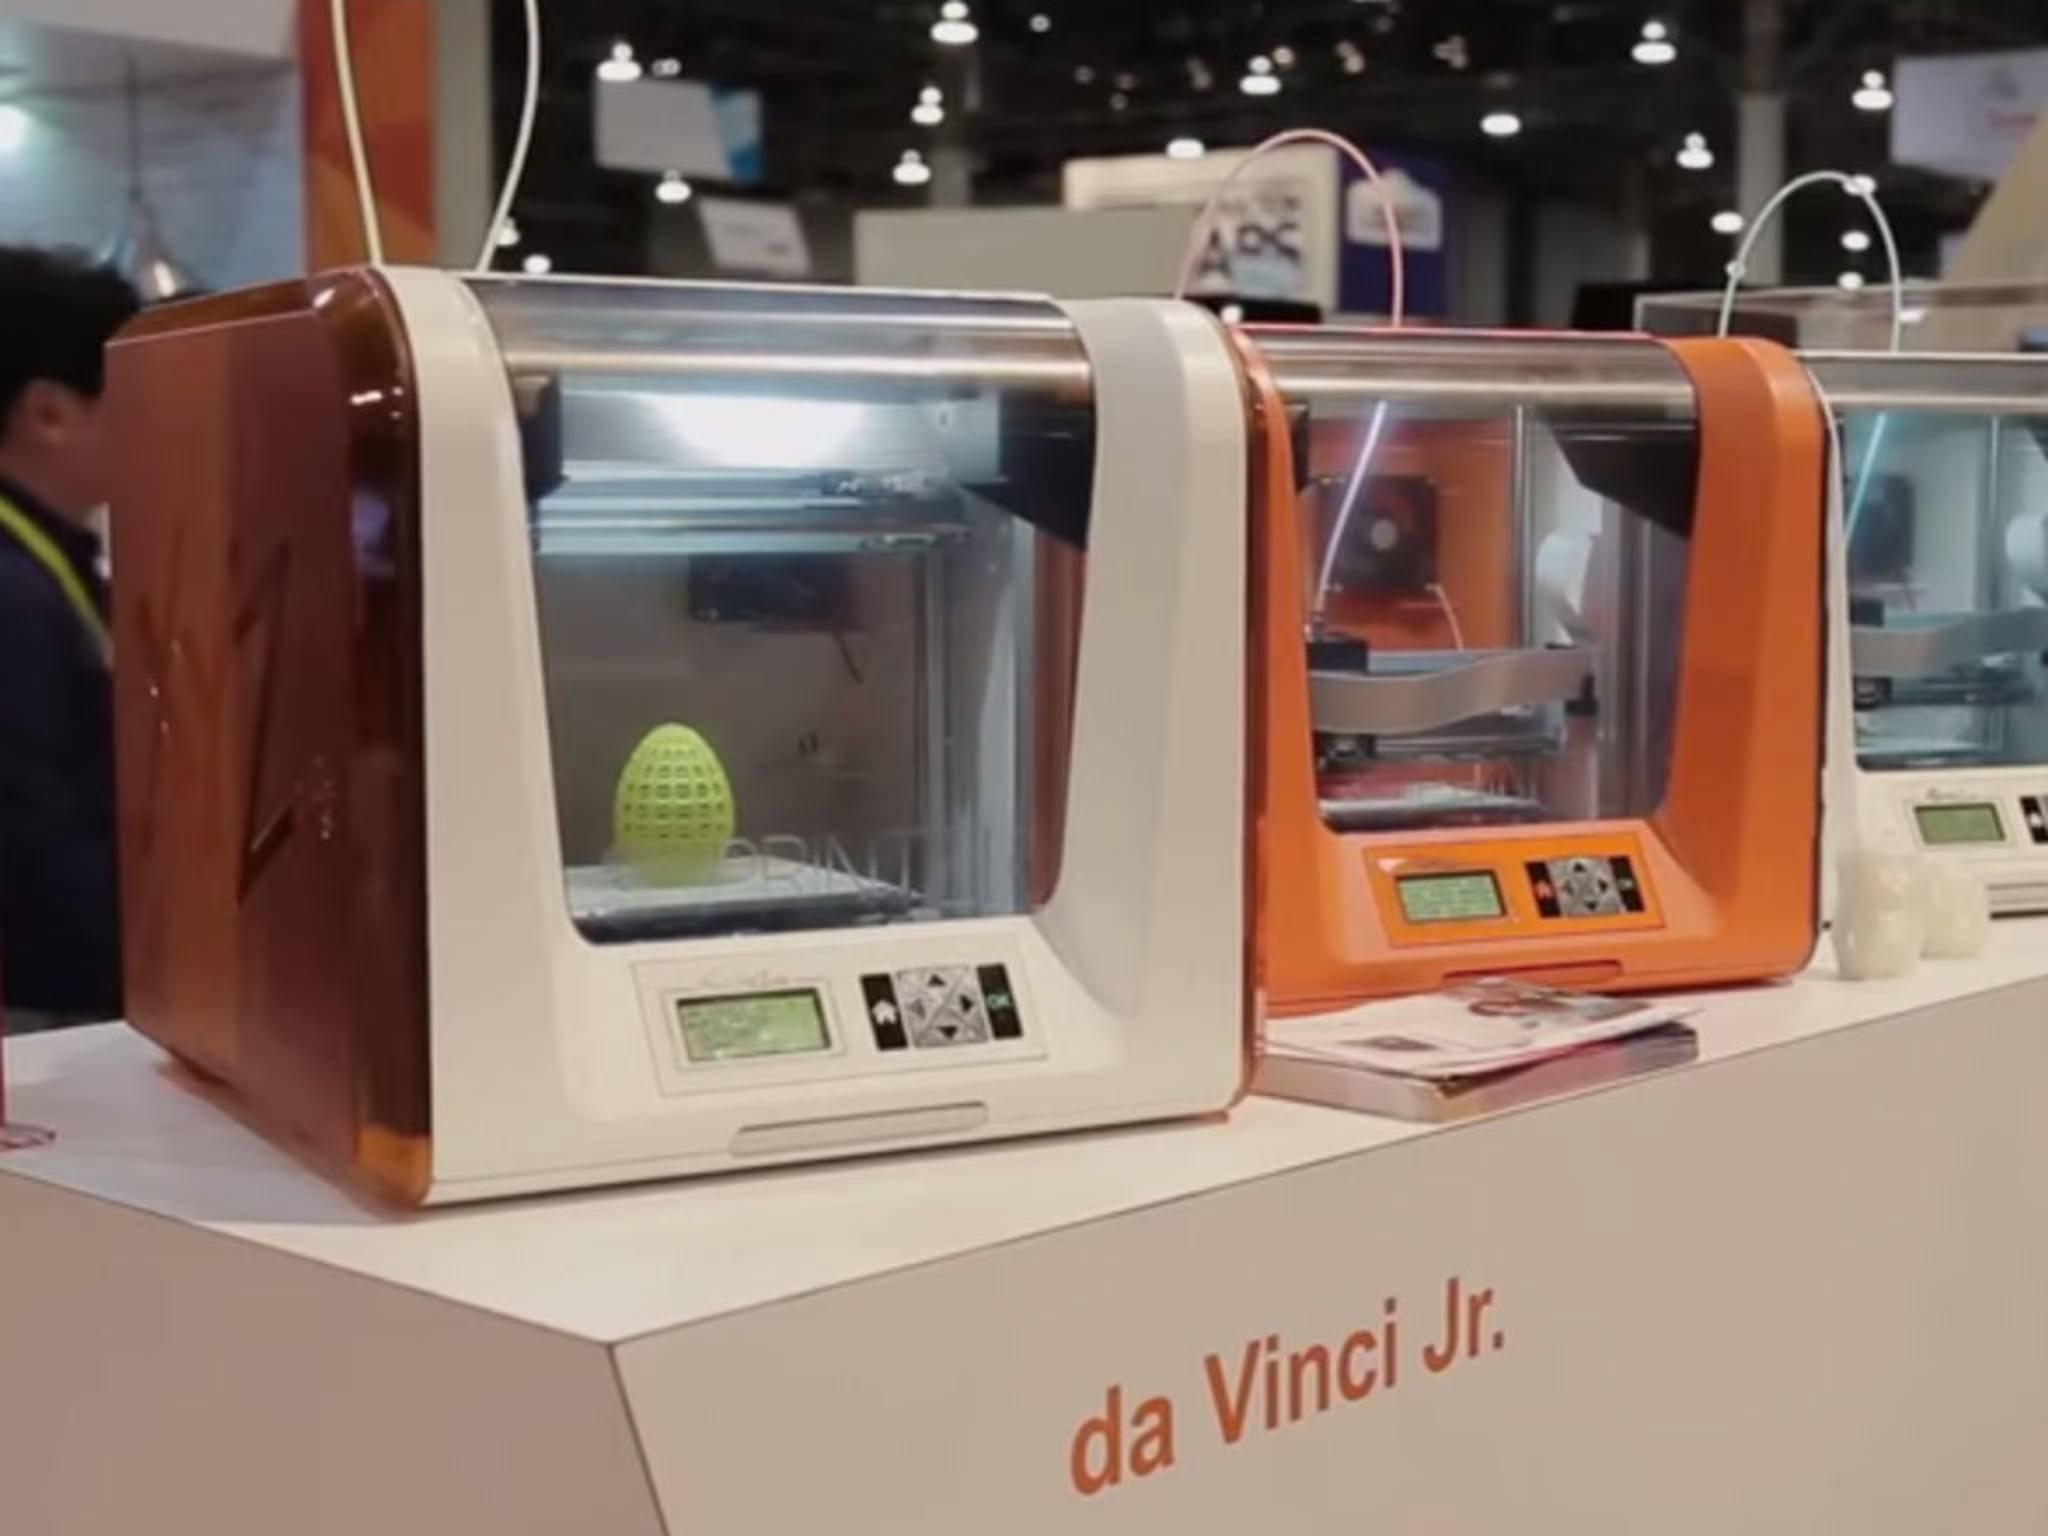 Da Vinci Junior: Ein erschwinglicher 3D-Drucker, der in den USA nur 349 Dollar kosten soll.